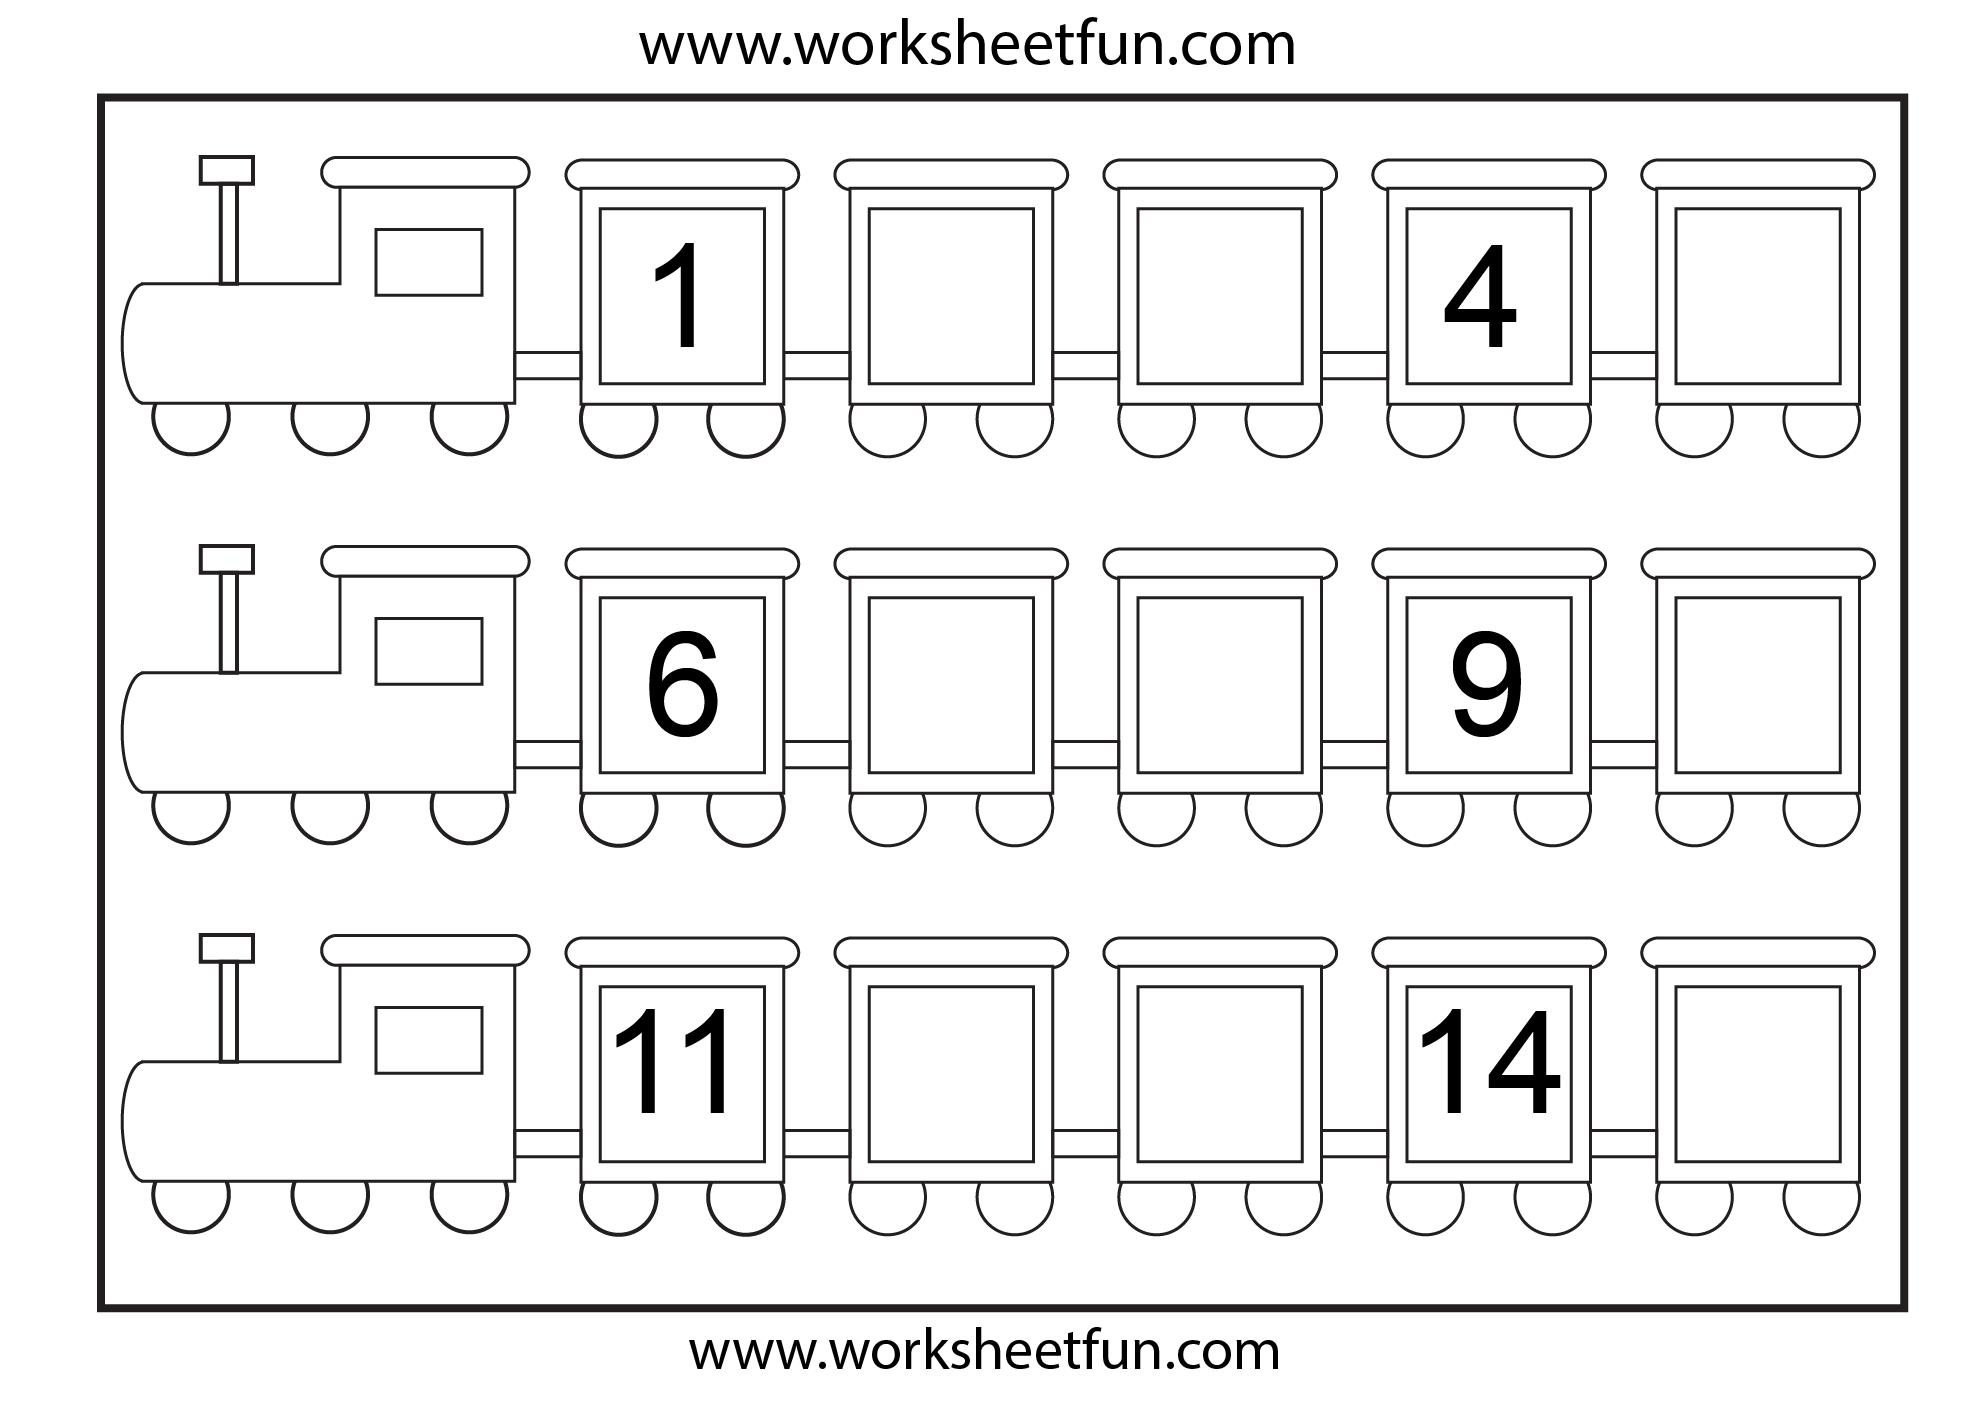 Missing Number Worksheet: New 684 Missing Number Worksheets Printable - Free Printable Missing Number Worksheets